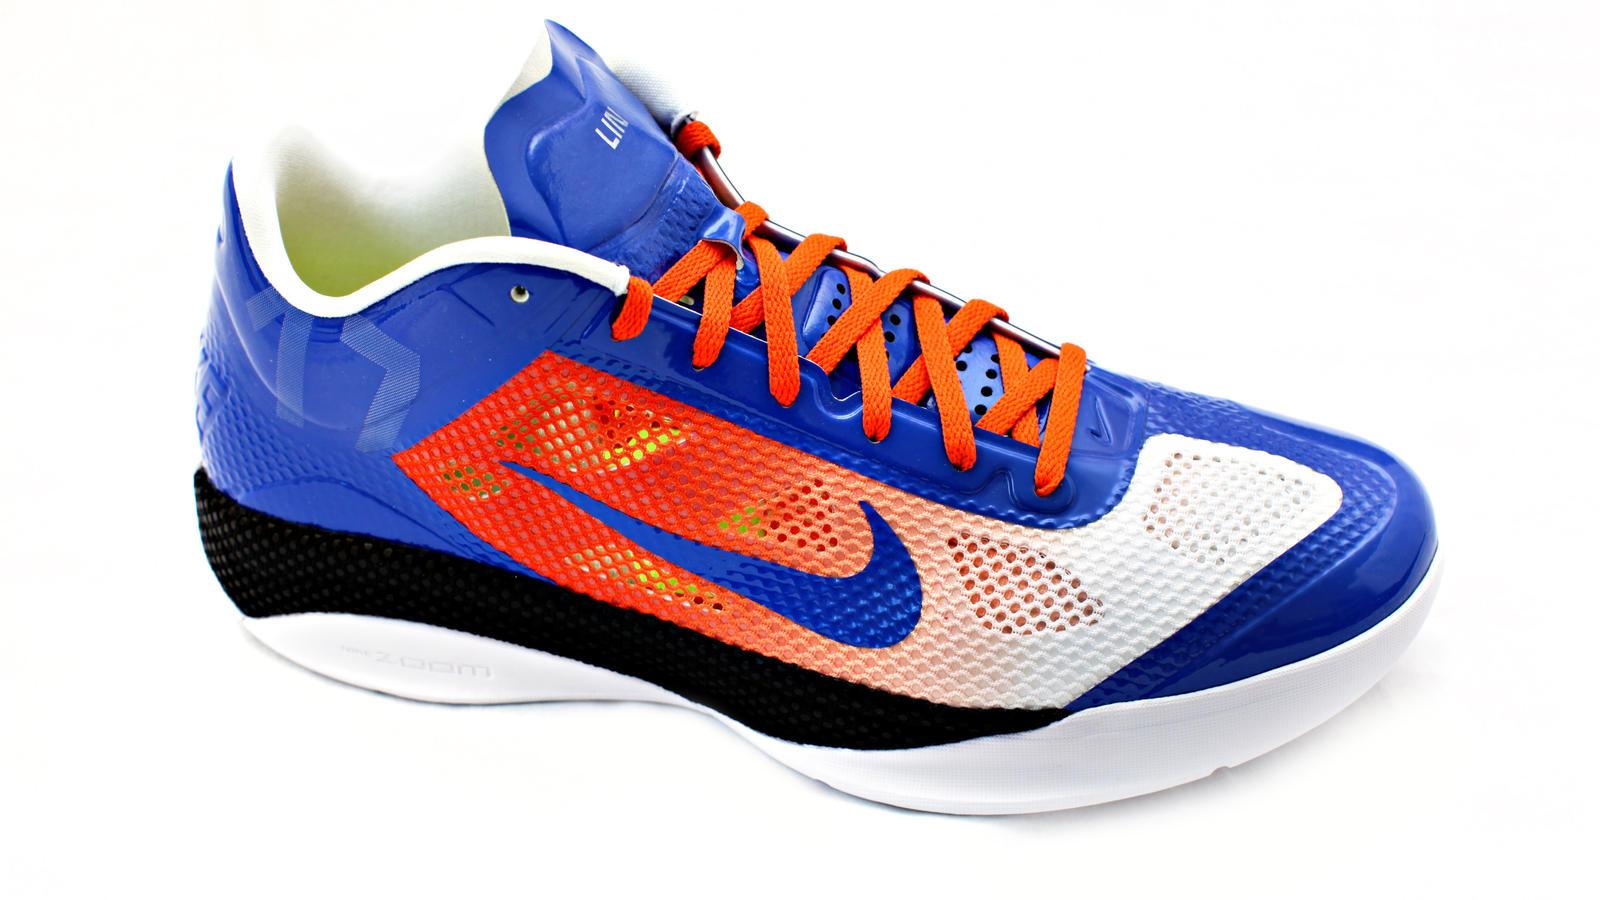 Nike Zoom Hyperdunk Jeremy Lin 'JL' PE Available